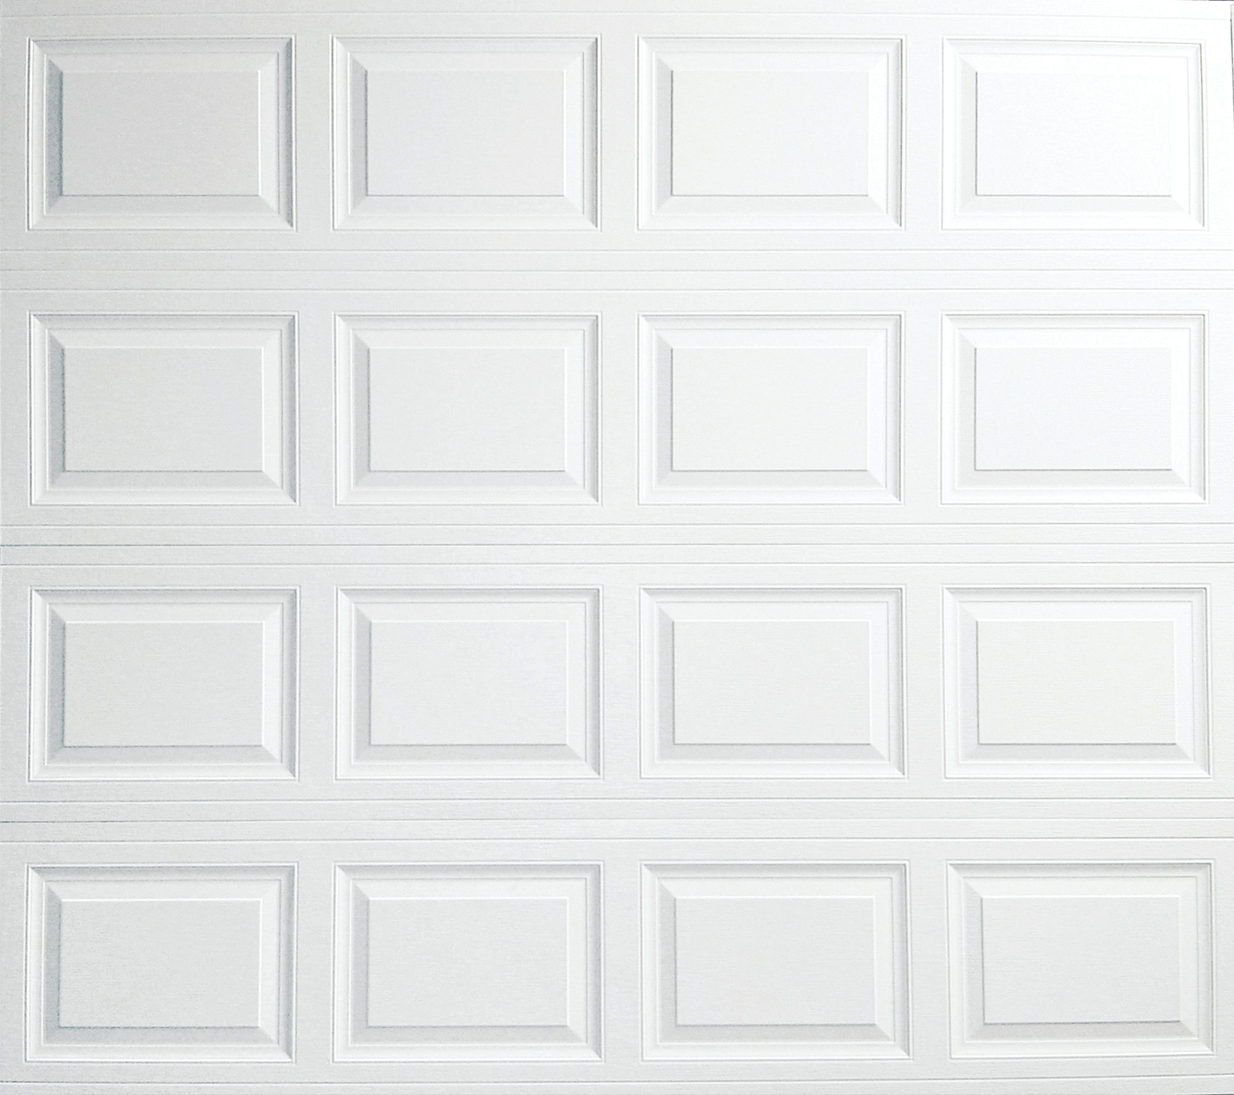 100 7 x 9 garage door 6 wide garage door btca info examples